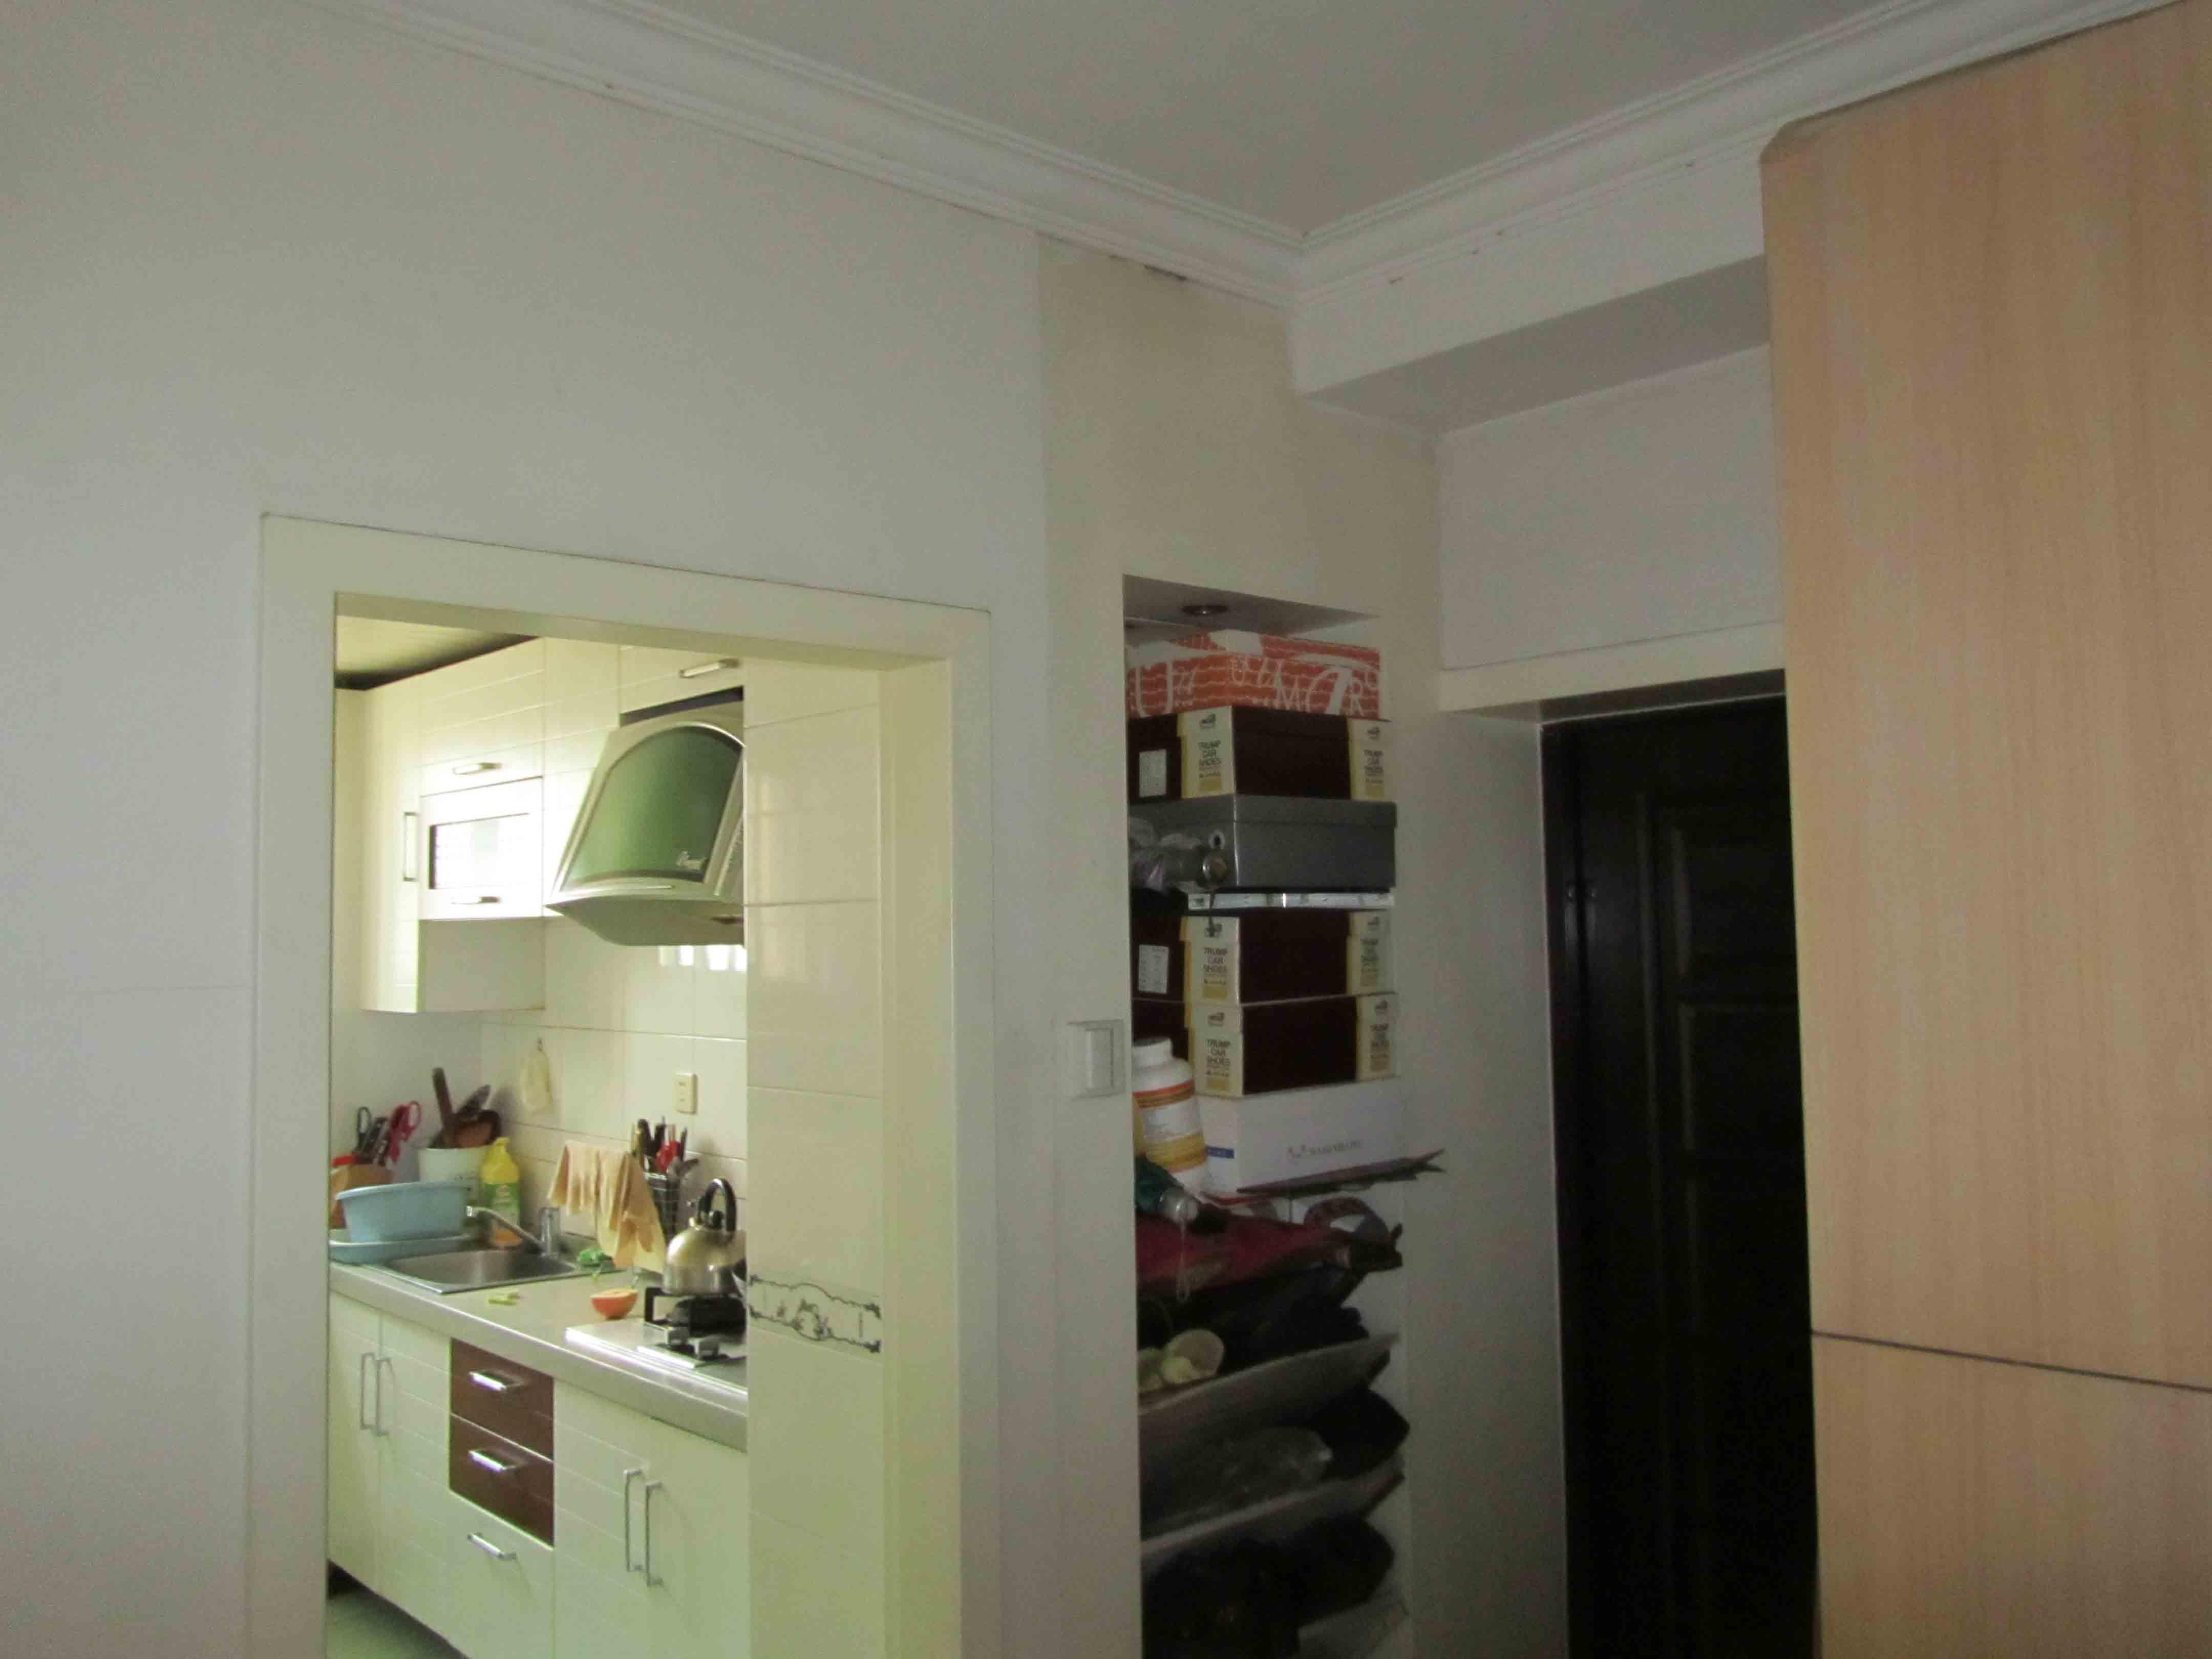 二居 旧房改造 收纳 厨房图片来自今朝装饰老房专线在72平,现代风,望京老房的分享